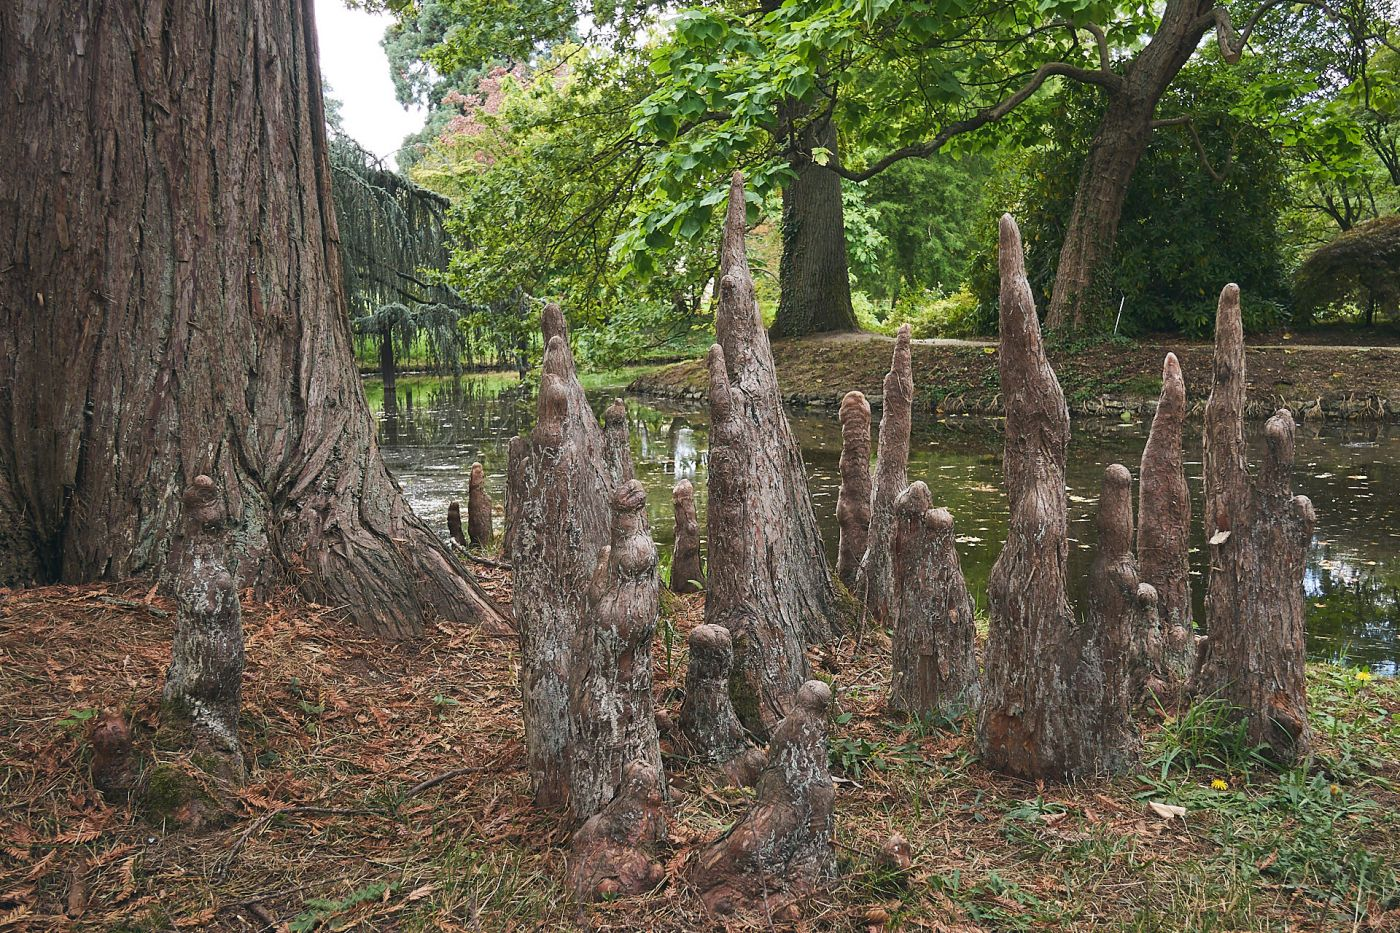 Racines de l'arboretum de la Vallée-aux-loups